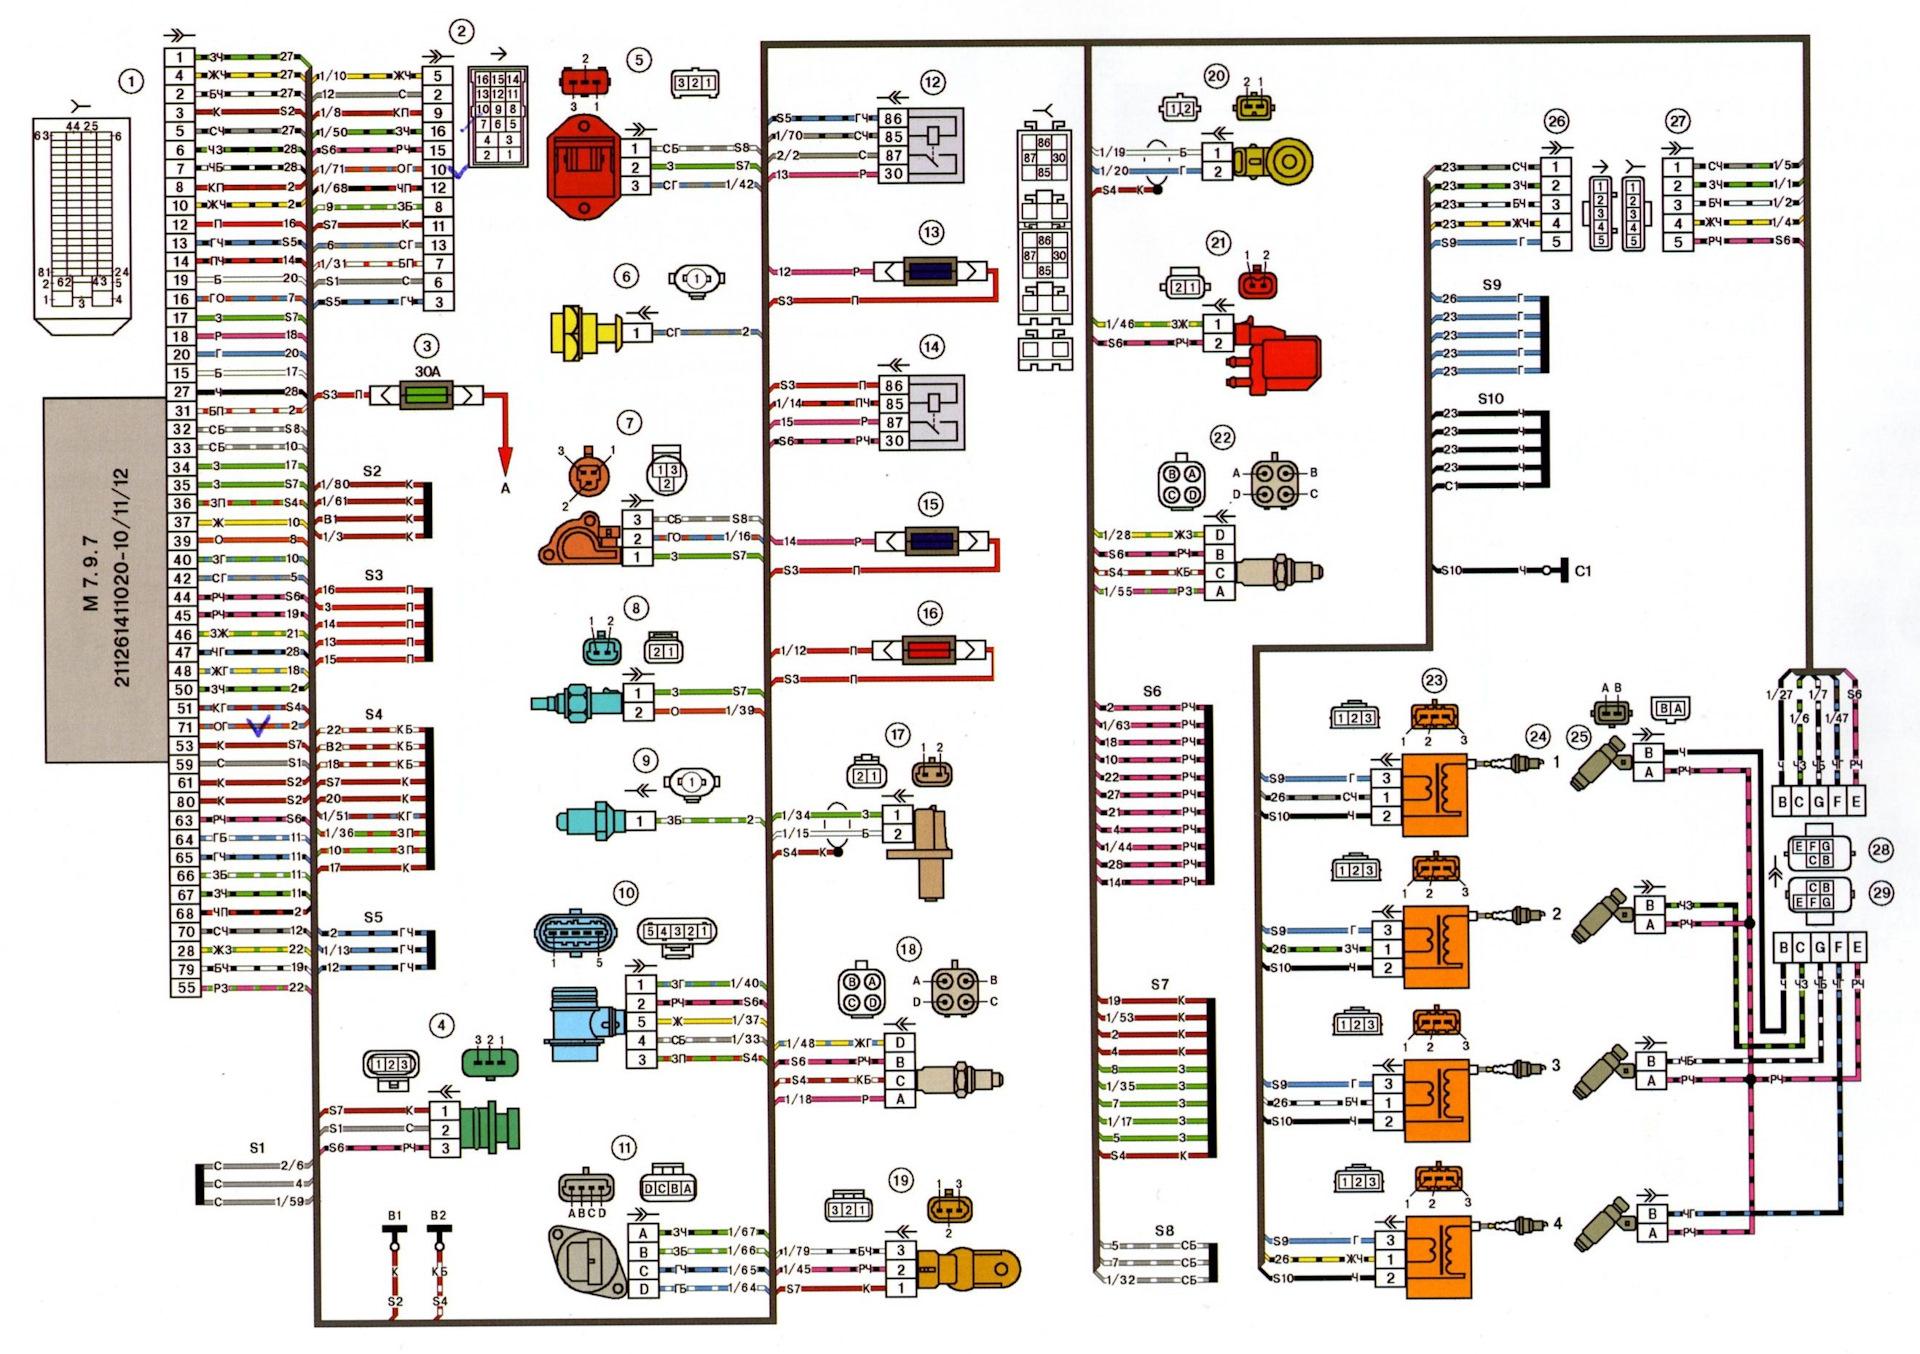 Электроусилитель руля на ВАЗ 2107: основные 35